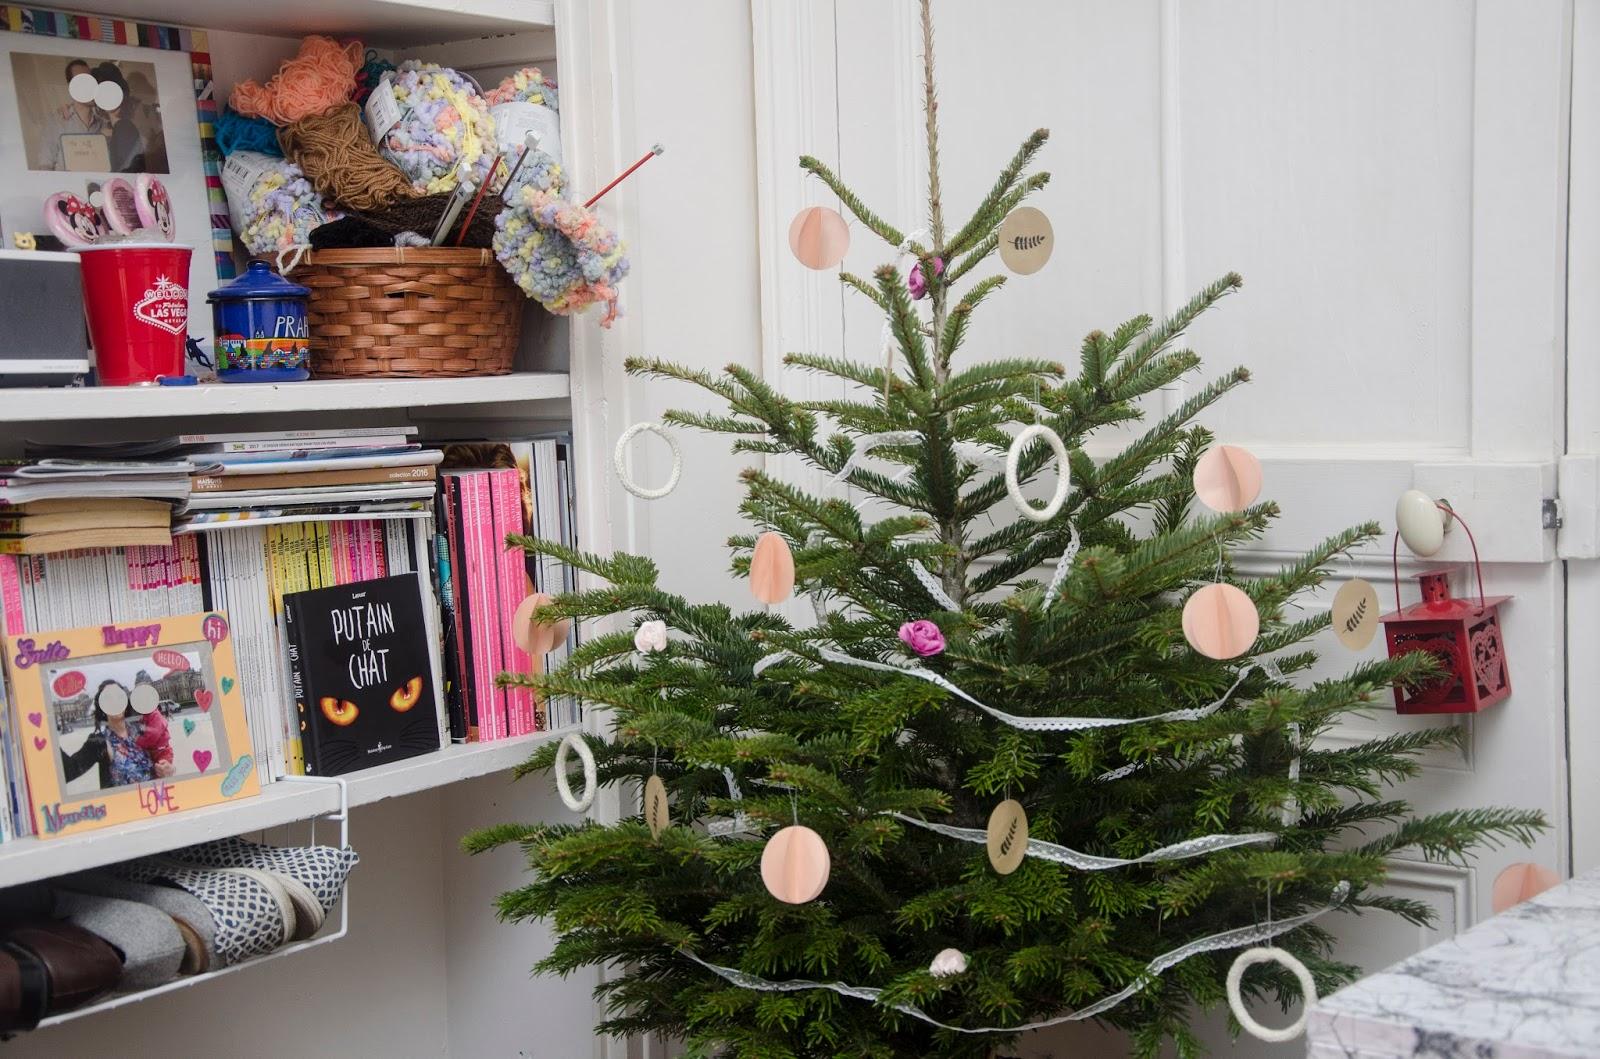 #896842 DIY : Une Déco Originale Et Fait Main Pour Le Sapin {Noël} 6918 Deco De Noel Fait Main En Laine 1600x1059 px @ aertt.com